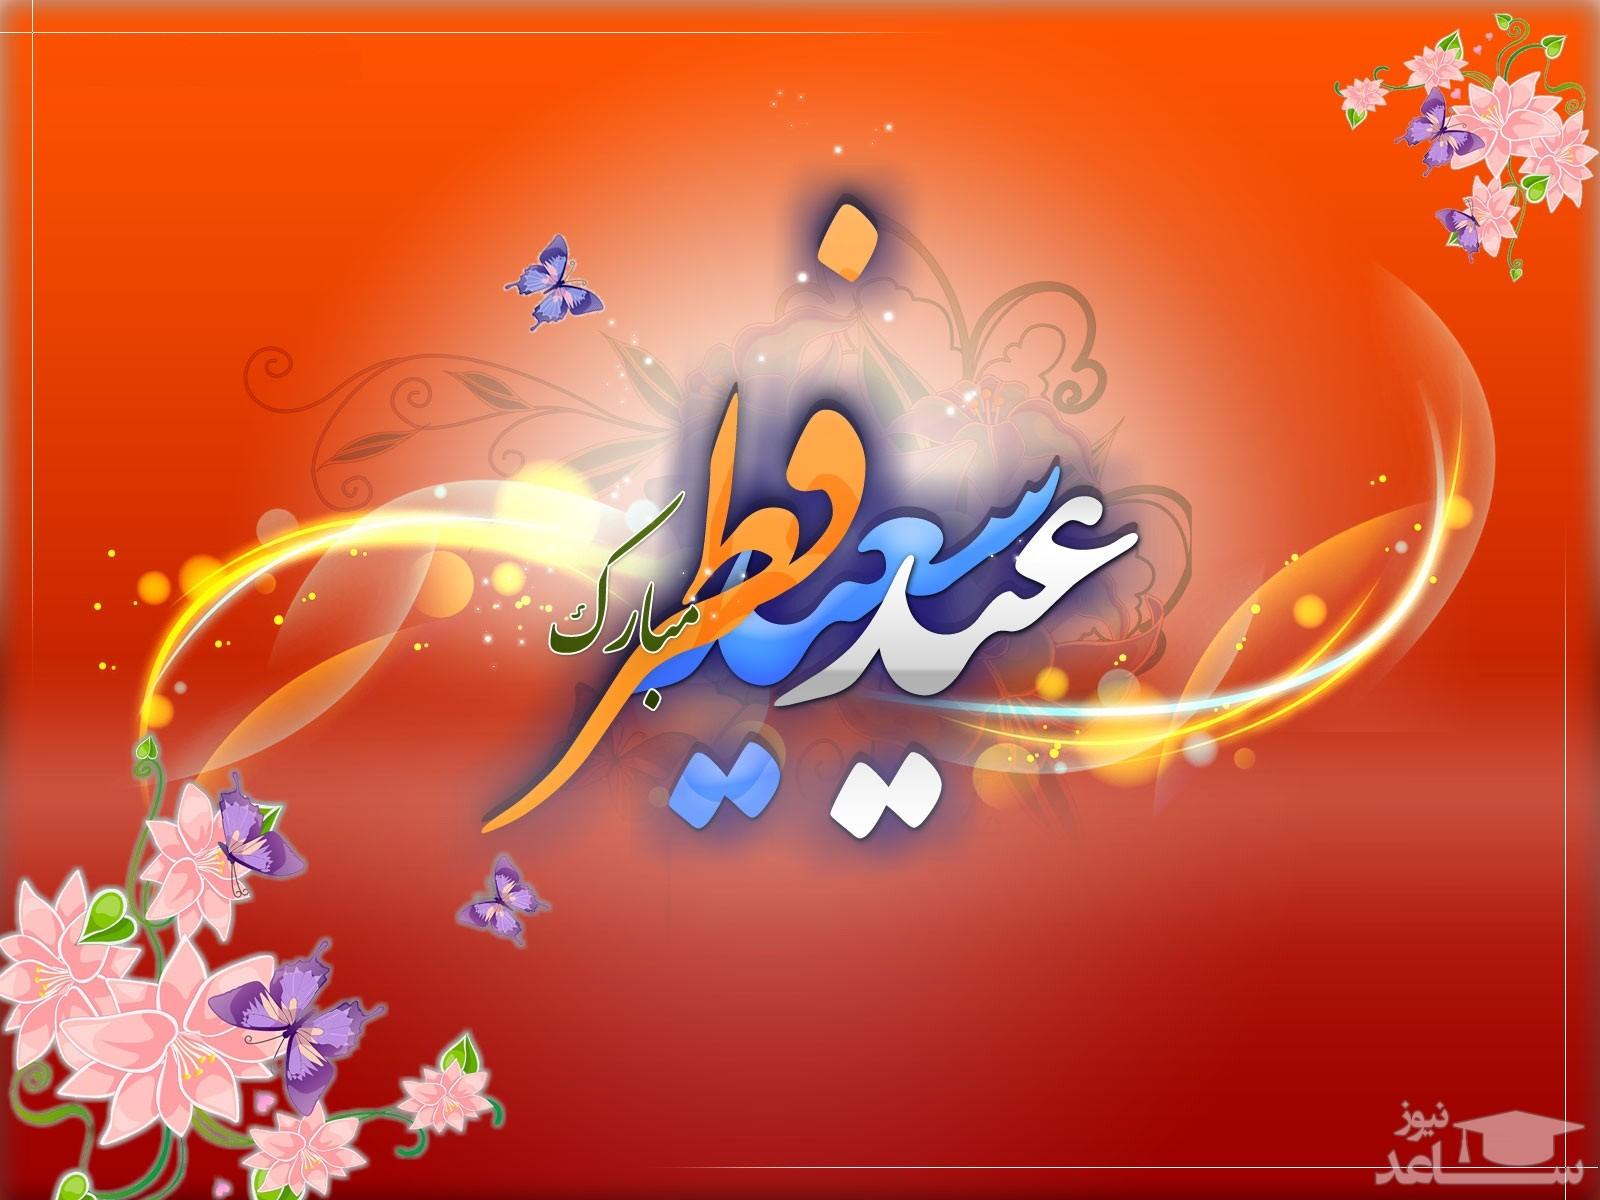 مراجعی که دوشنبه را عید فطر اعلام کردهاند